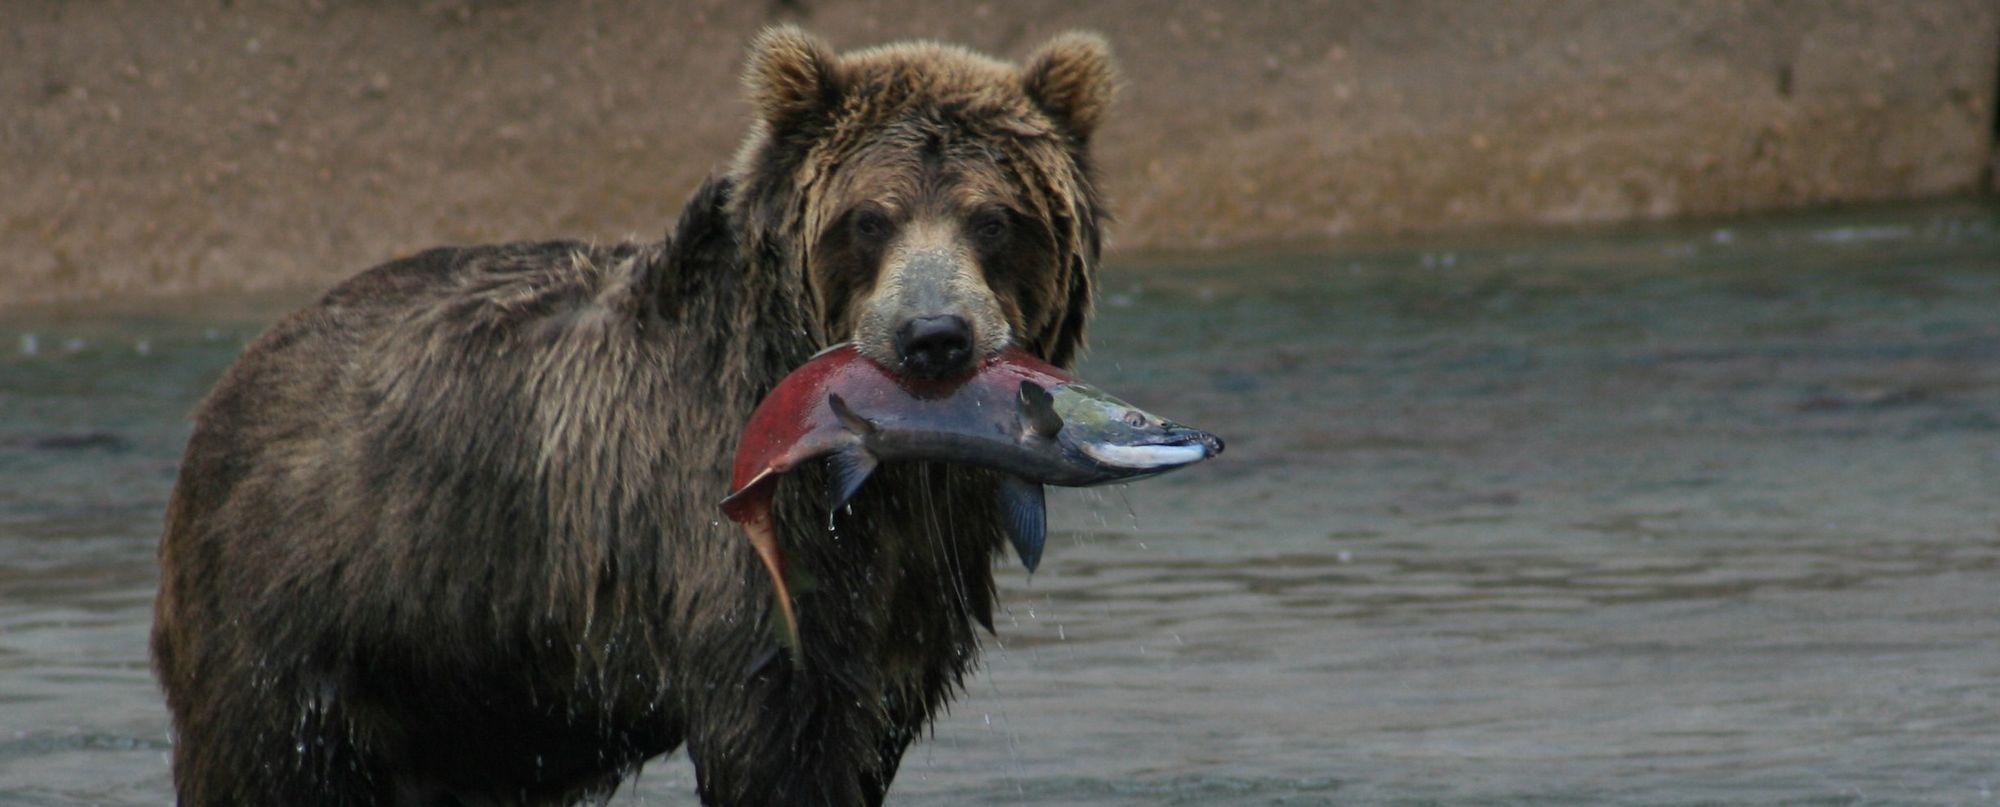 Rusia - Kamchatka - Ríos, osos y volcanes